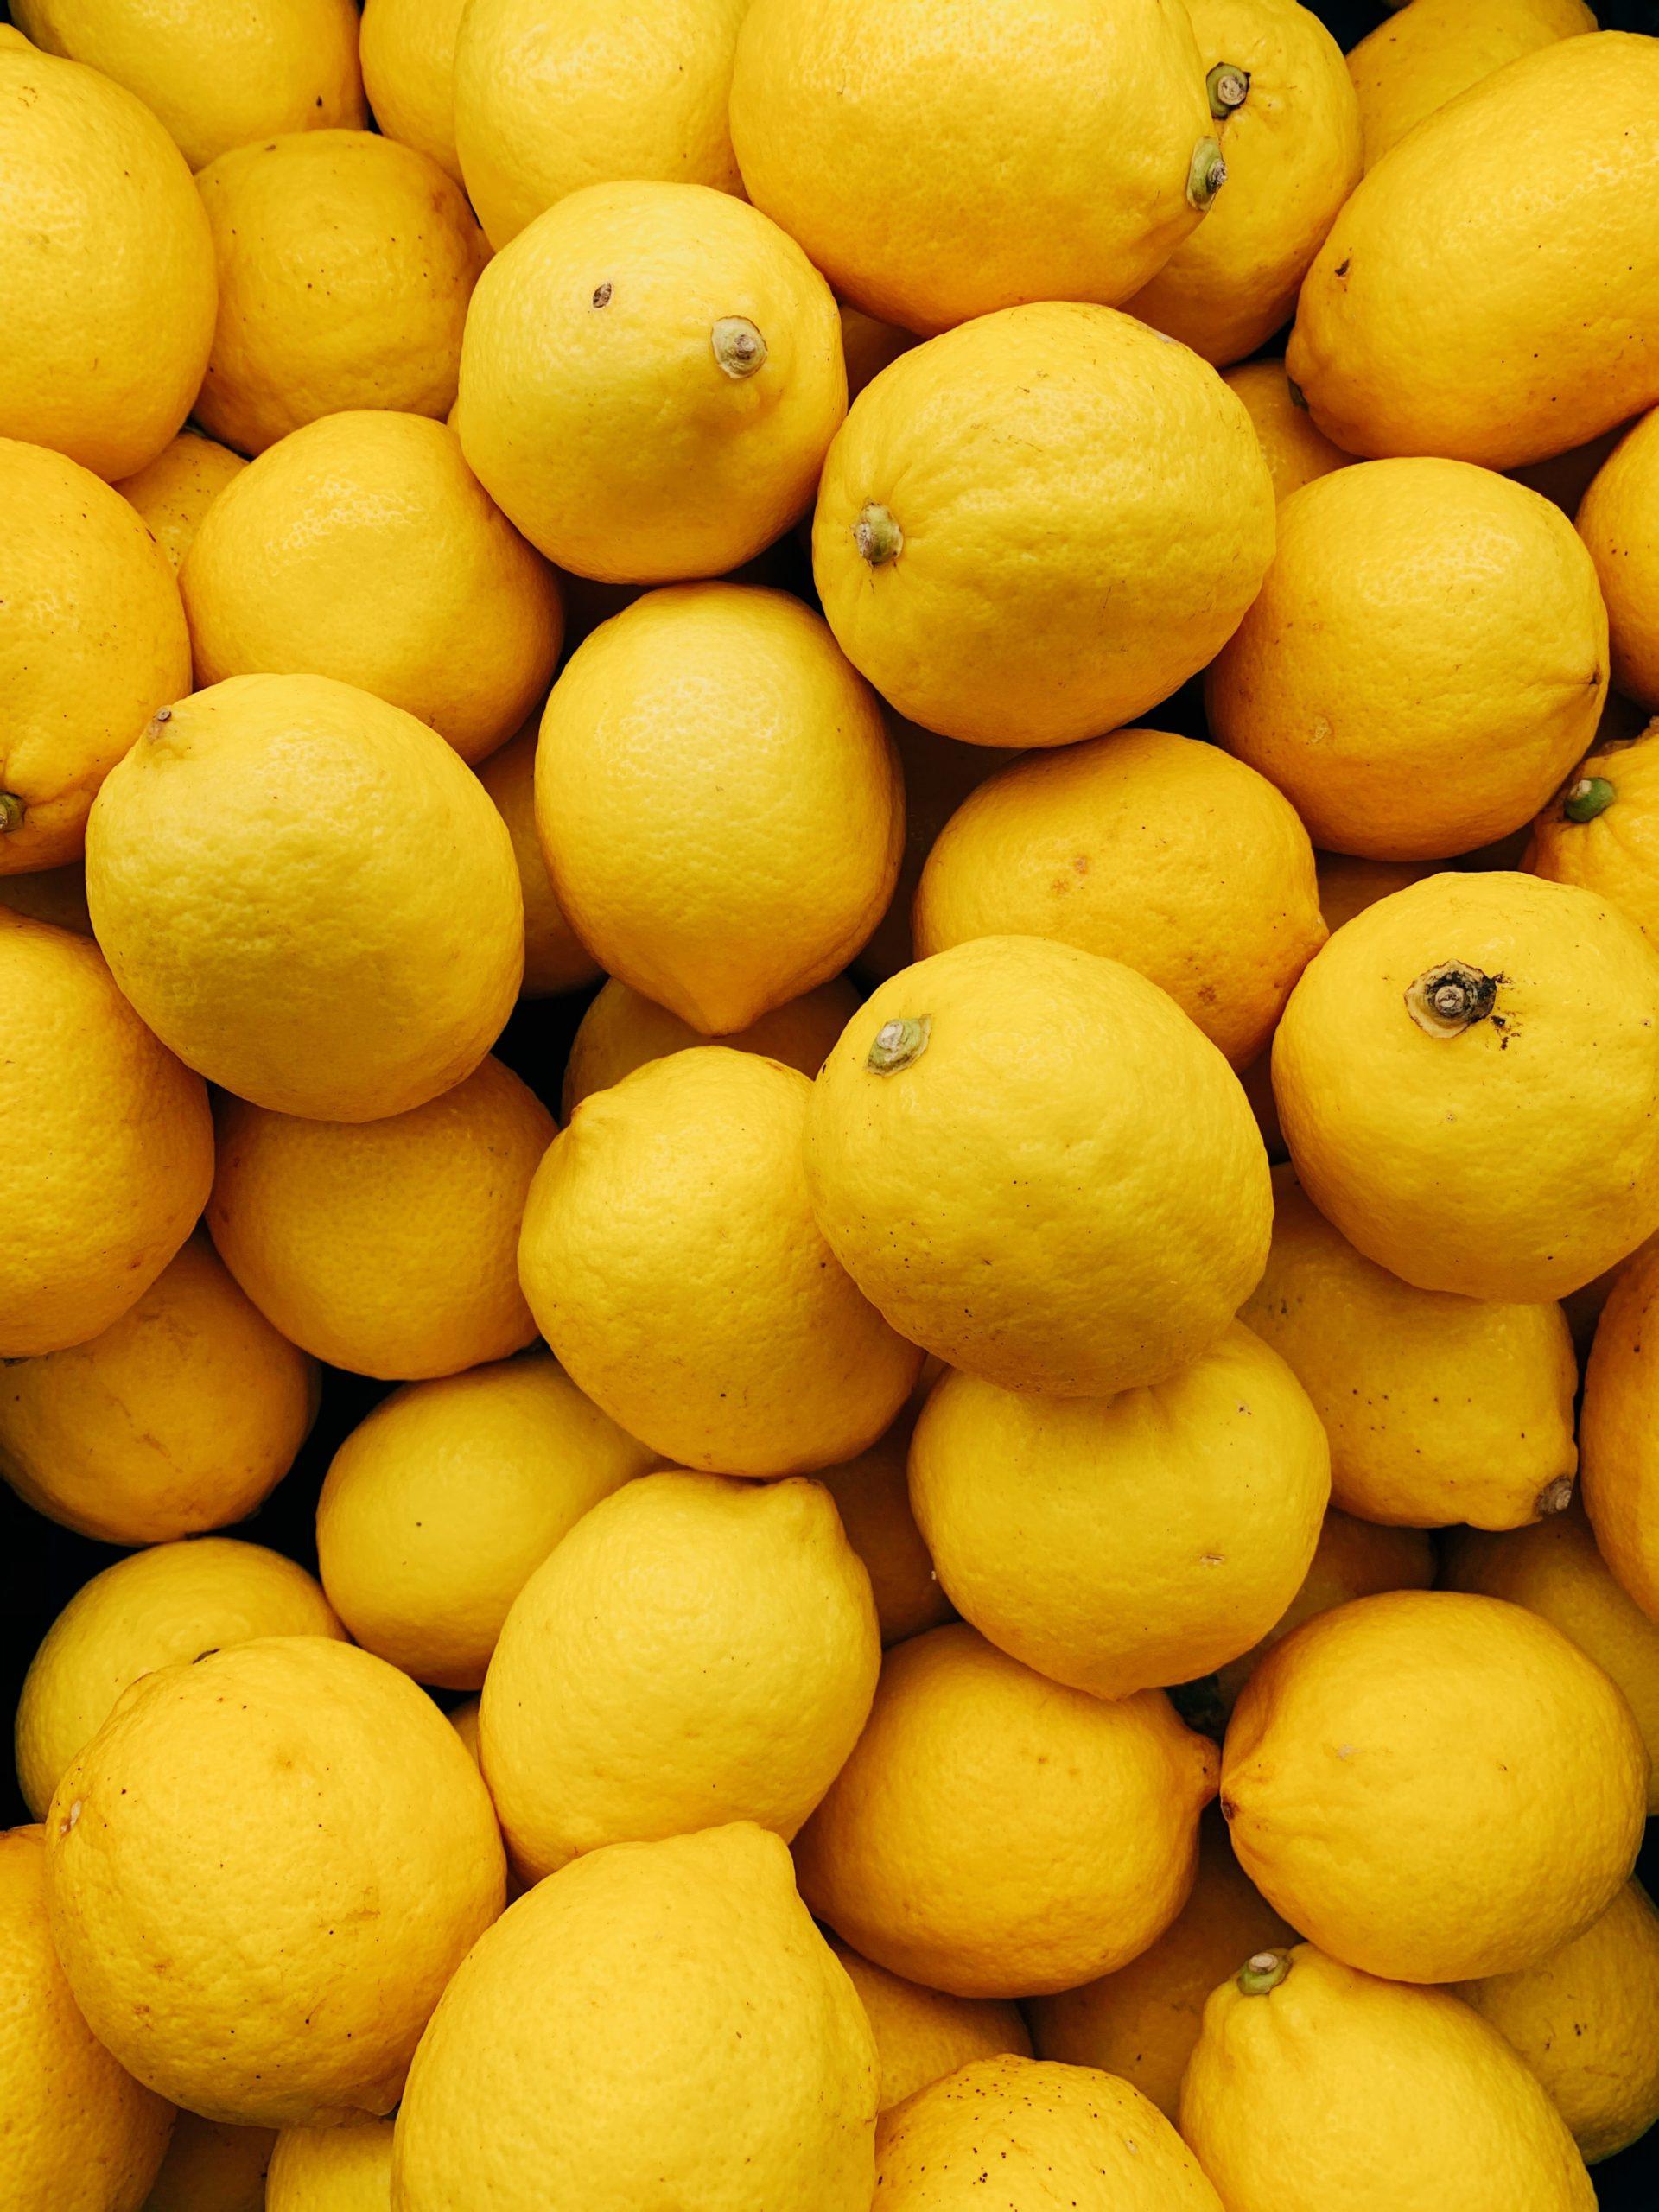 Le citron, votre zeste santé